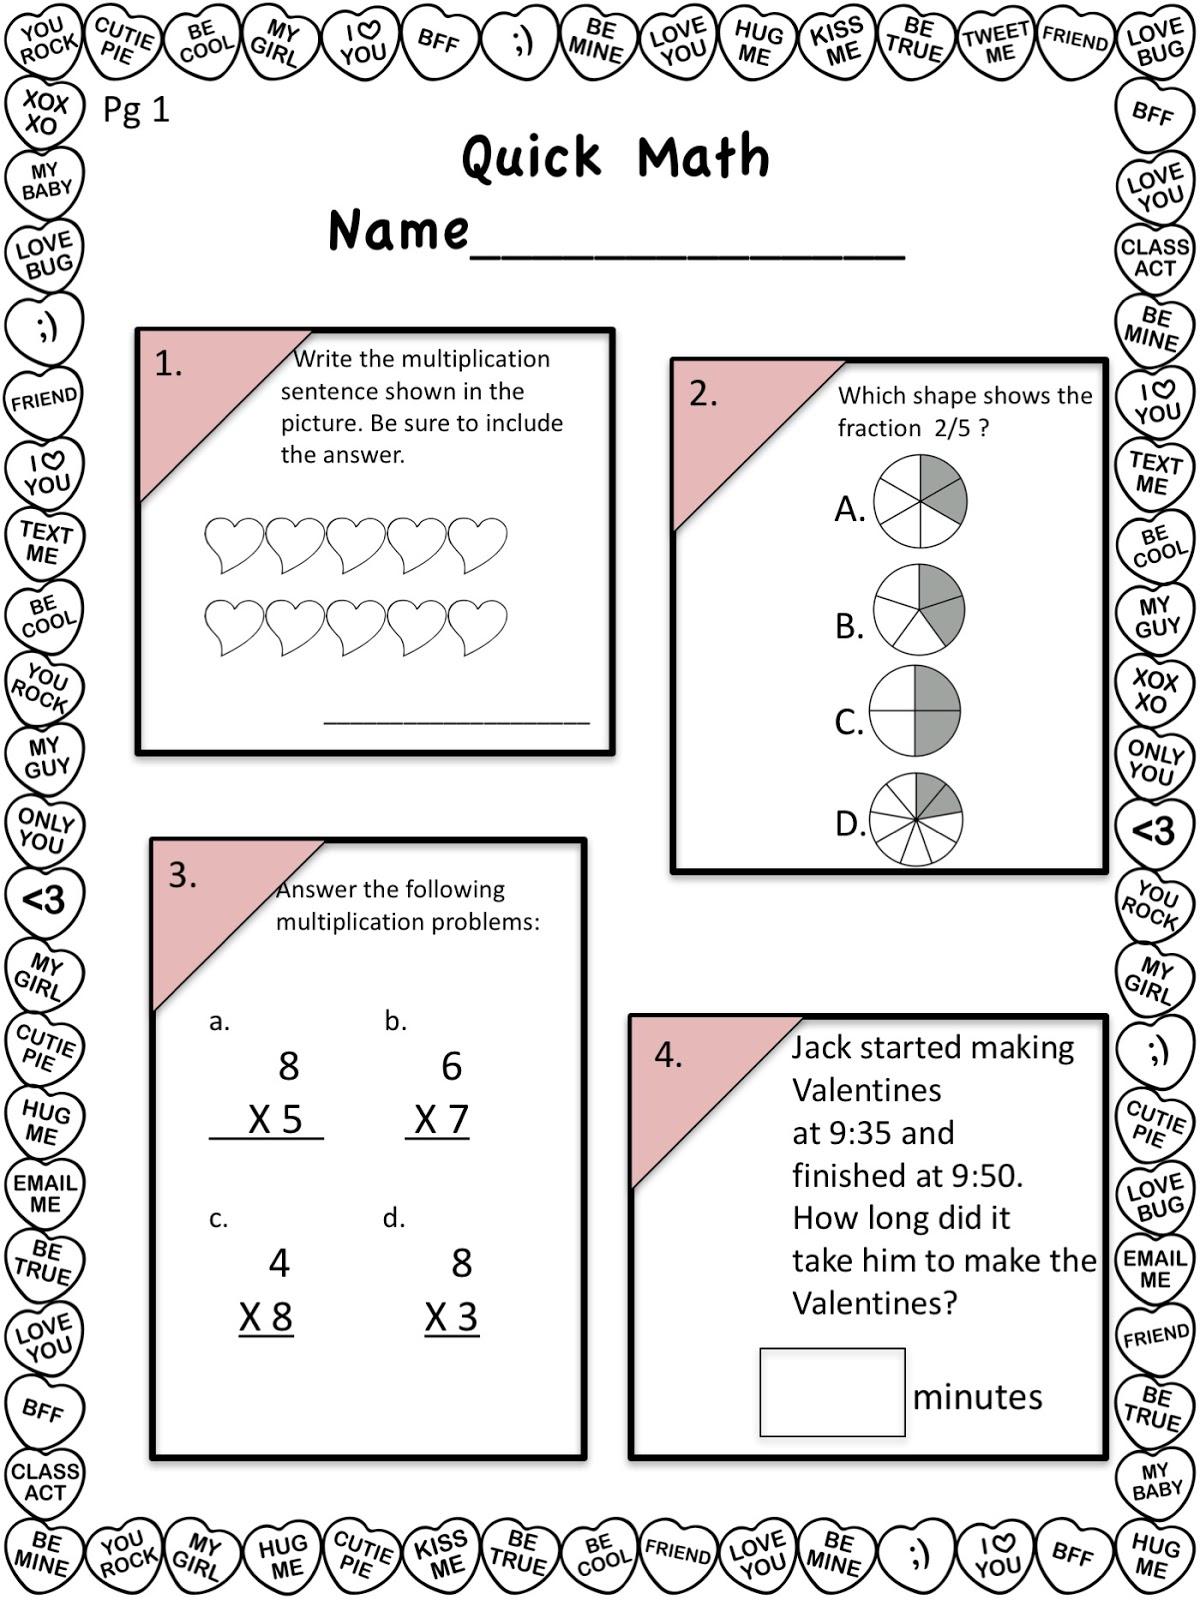 Dragon's Den Curriculum: Valentine Math Freebie